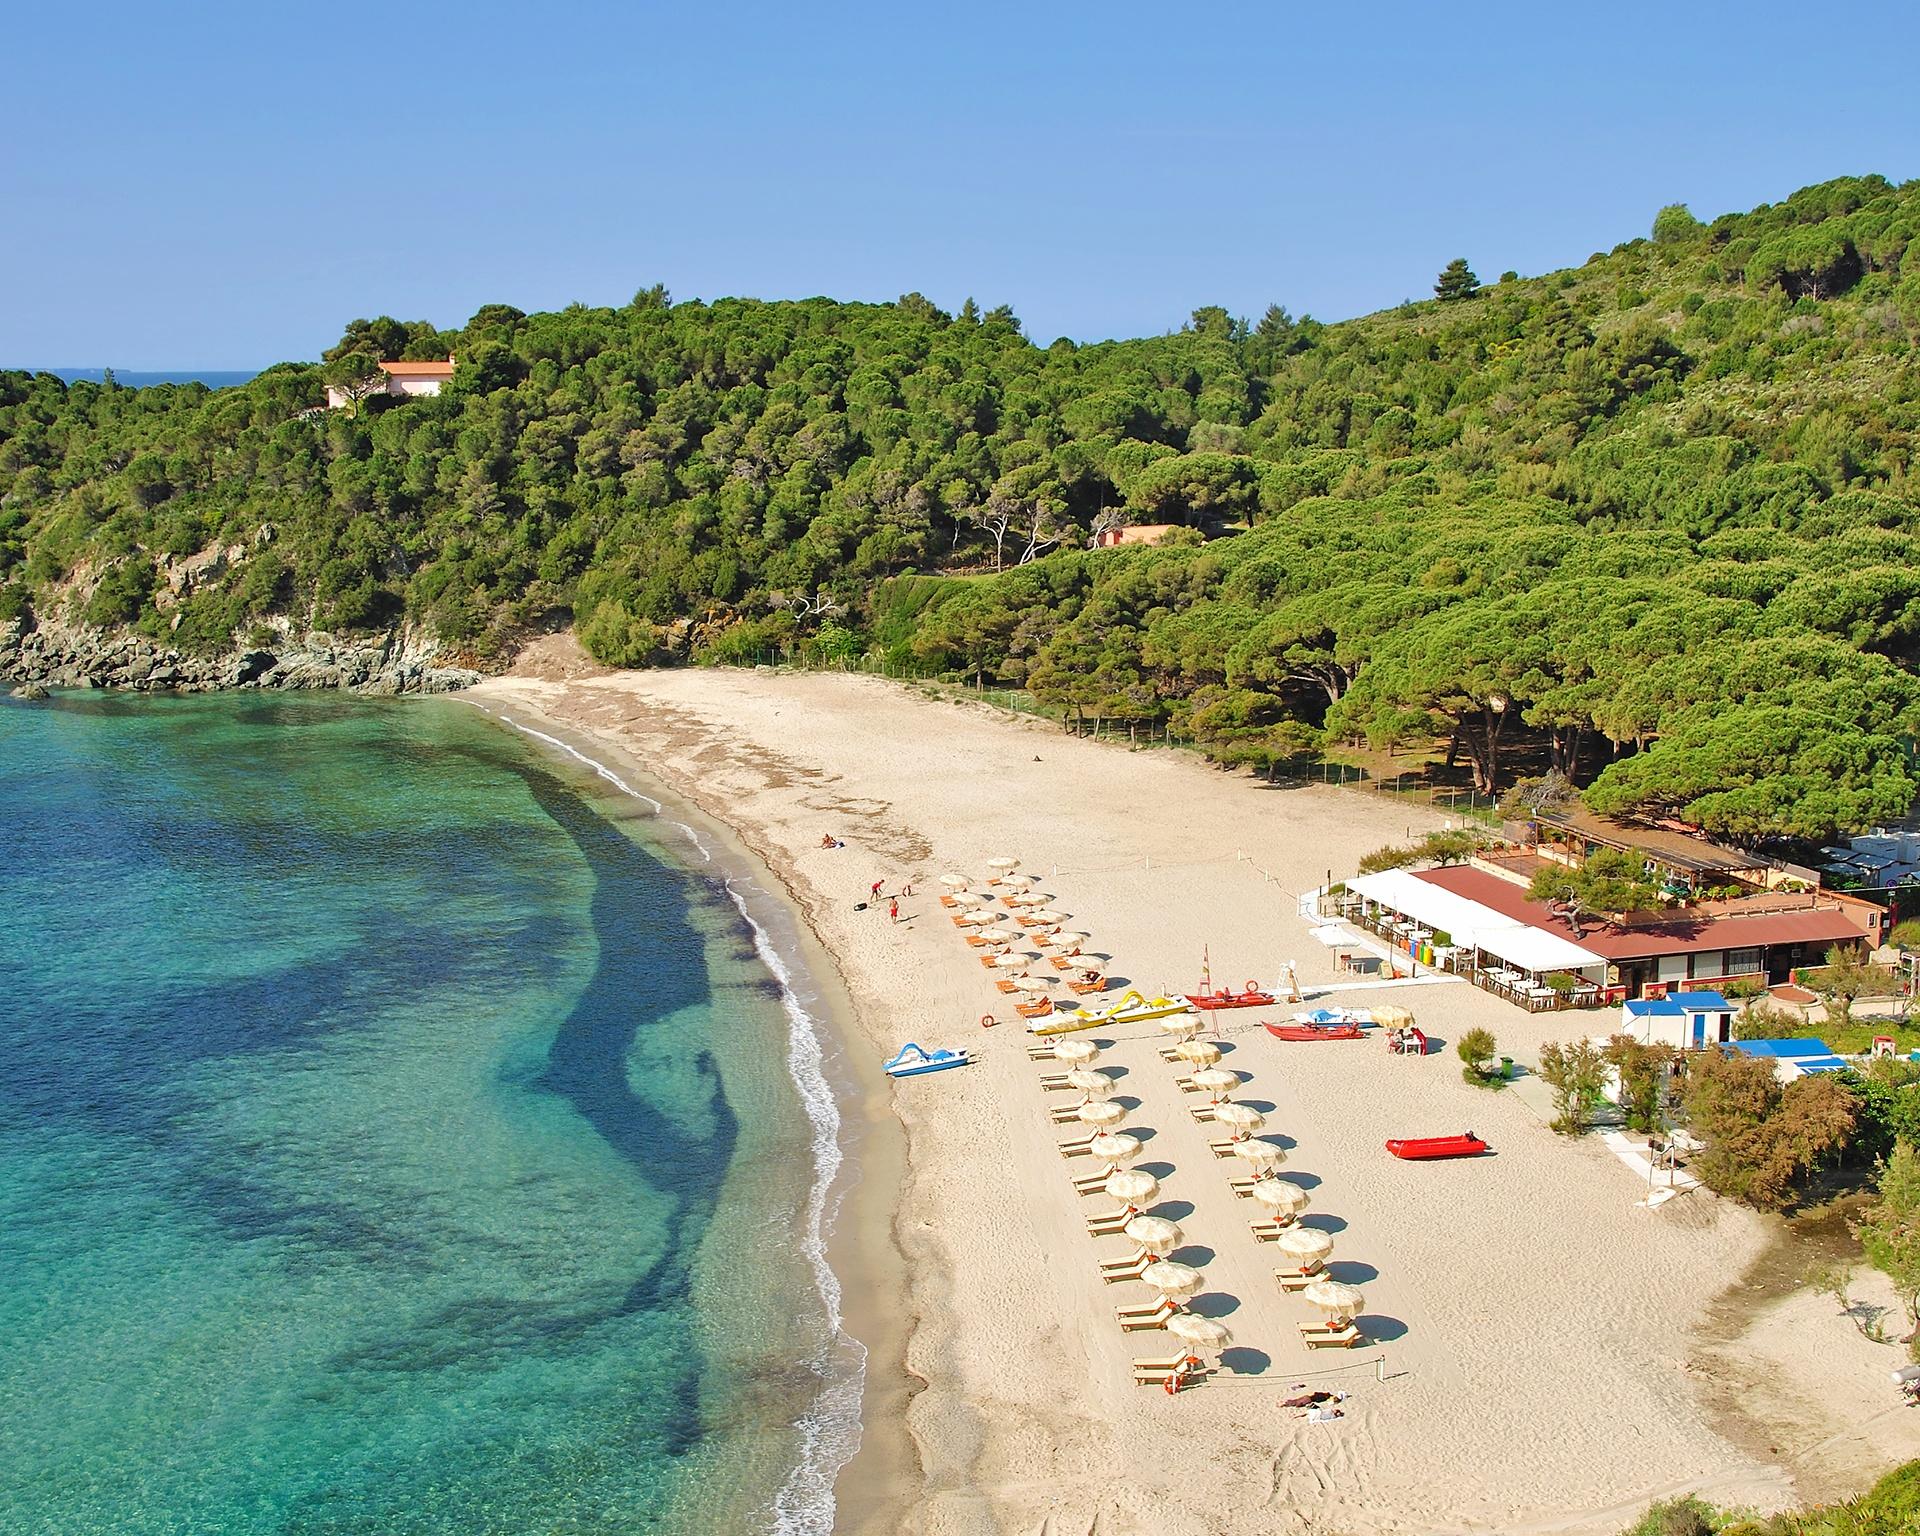 Vacanze all'Isola d'Elba, la perla della Toscana